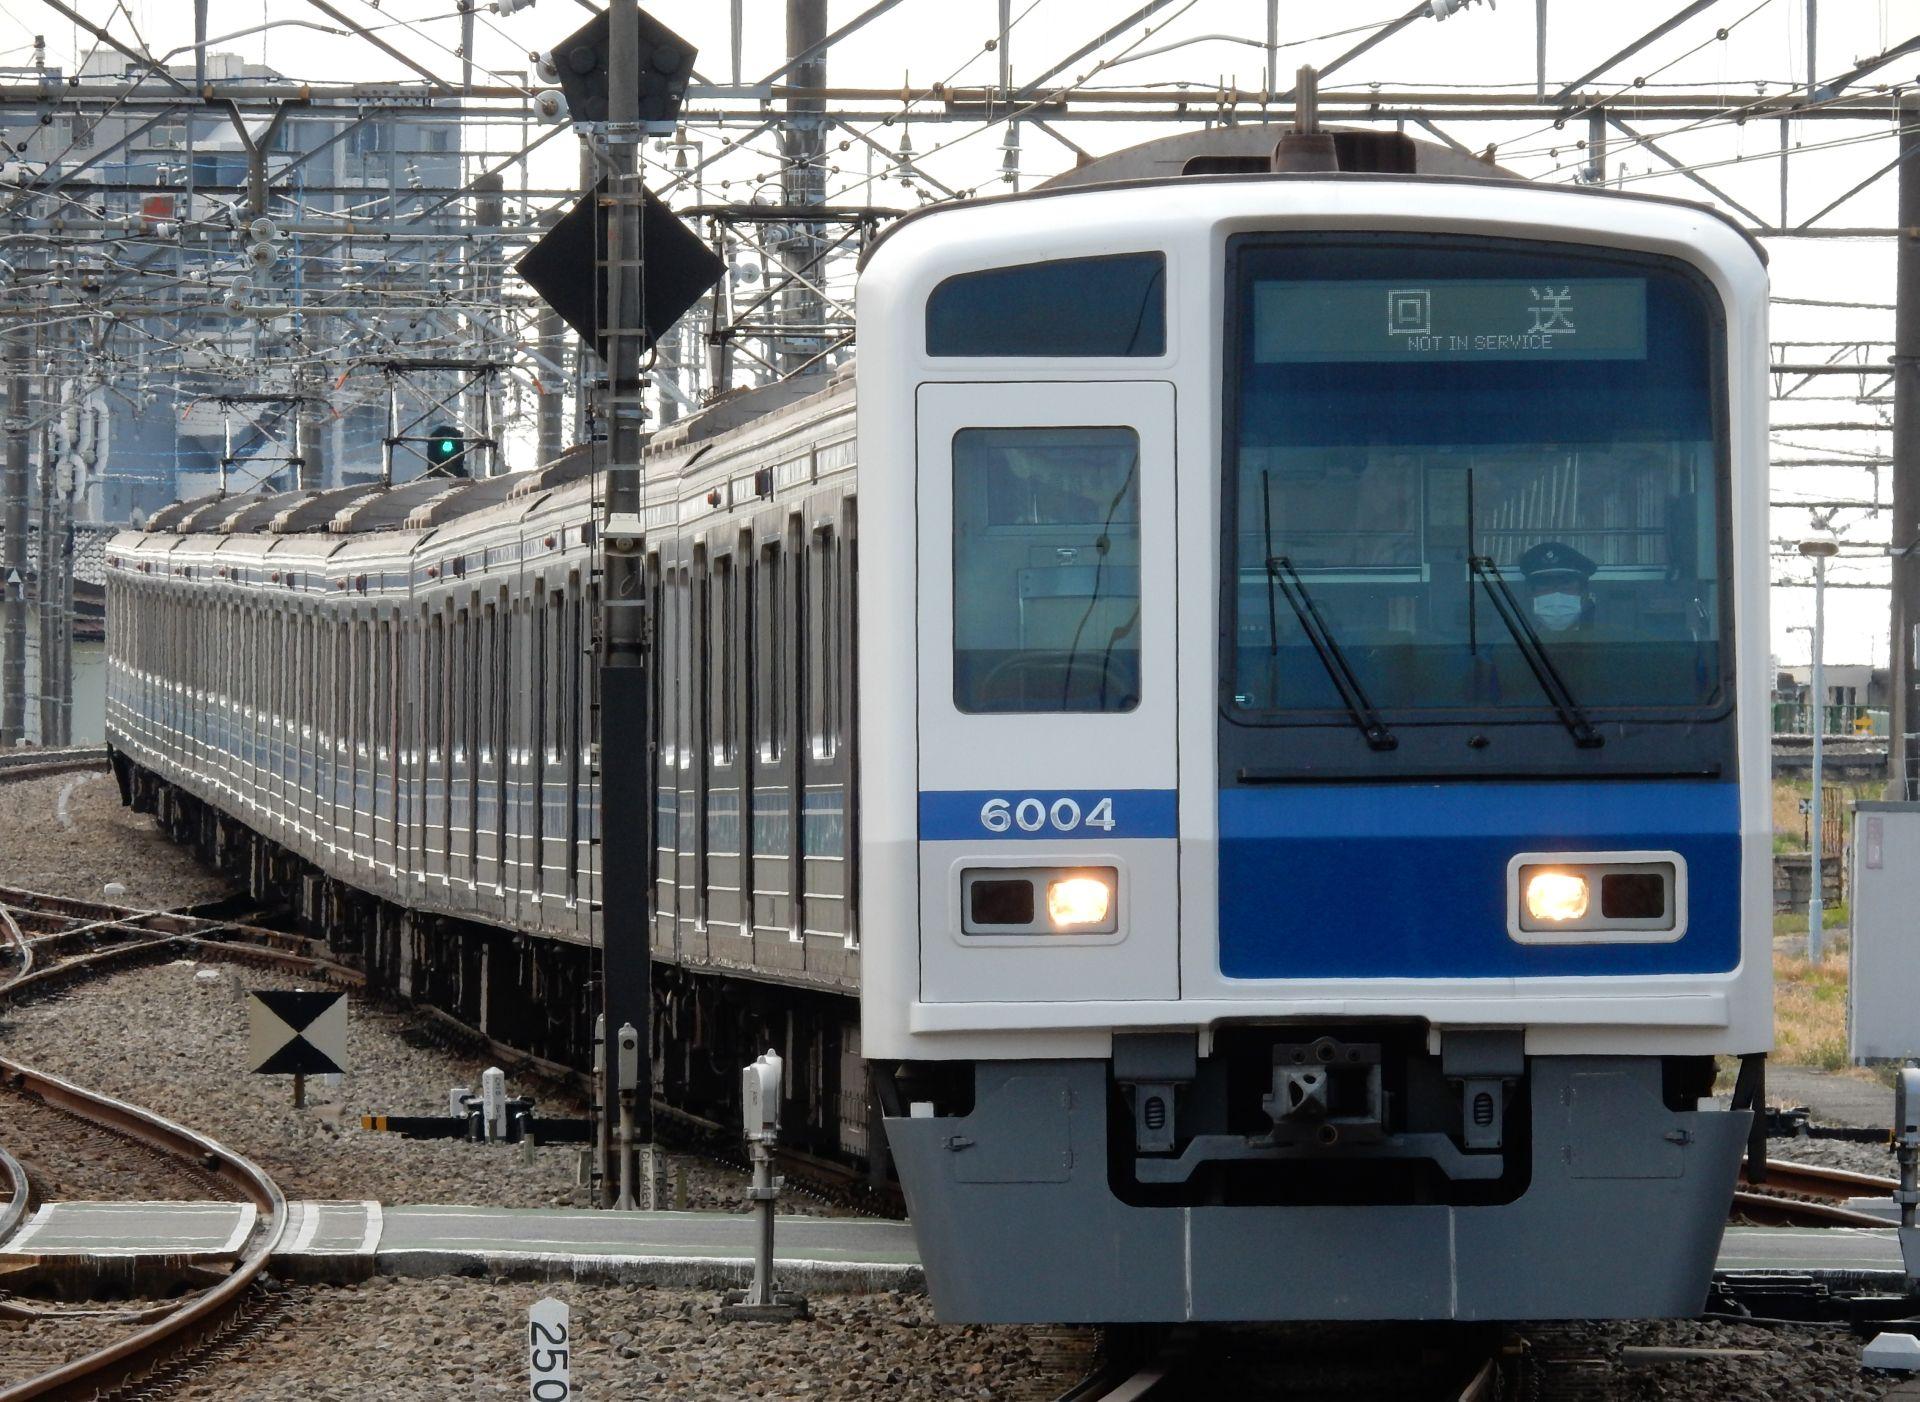 DSCN6000 - コピー